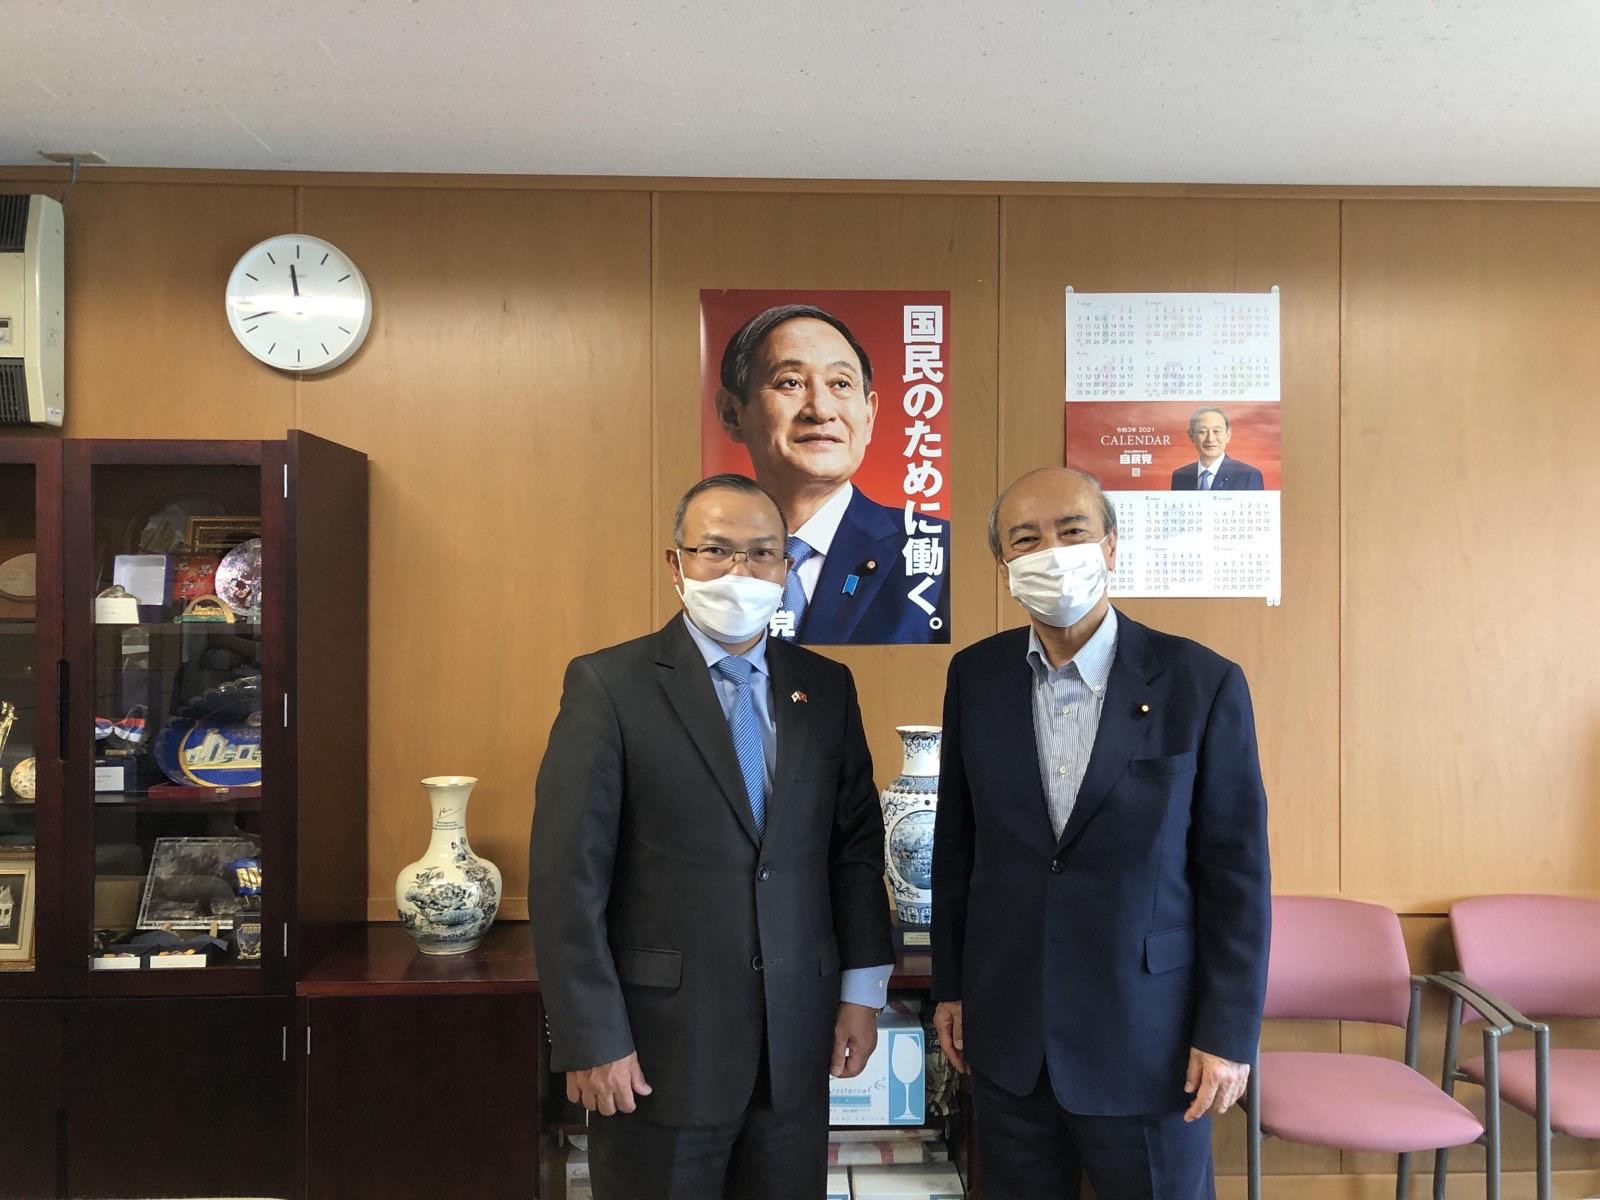 Thúc đẩy hợp tác chính đảng góp phần tăng cường hơn nữa hợp tác giữa hai nước Việt Nam và Nhật Bản